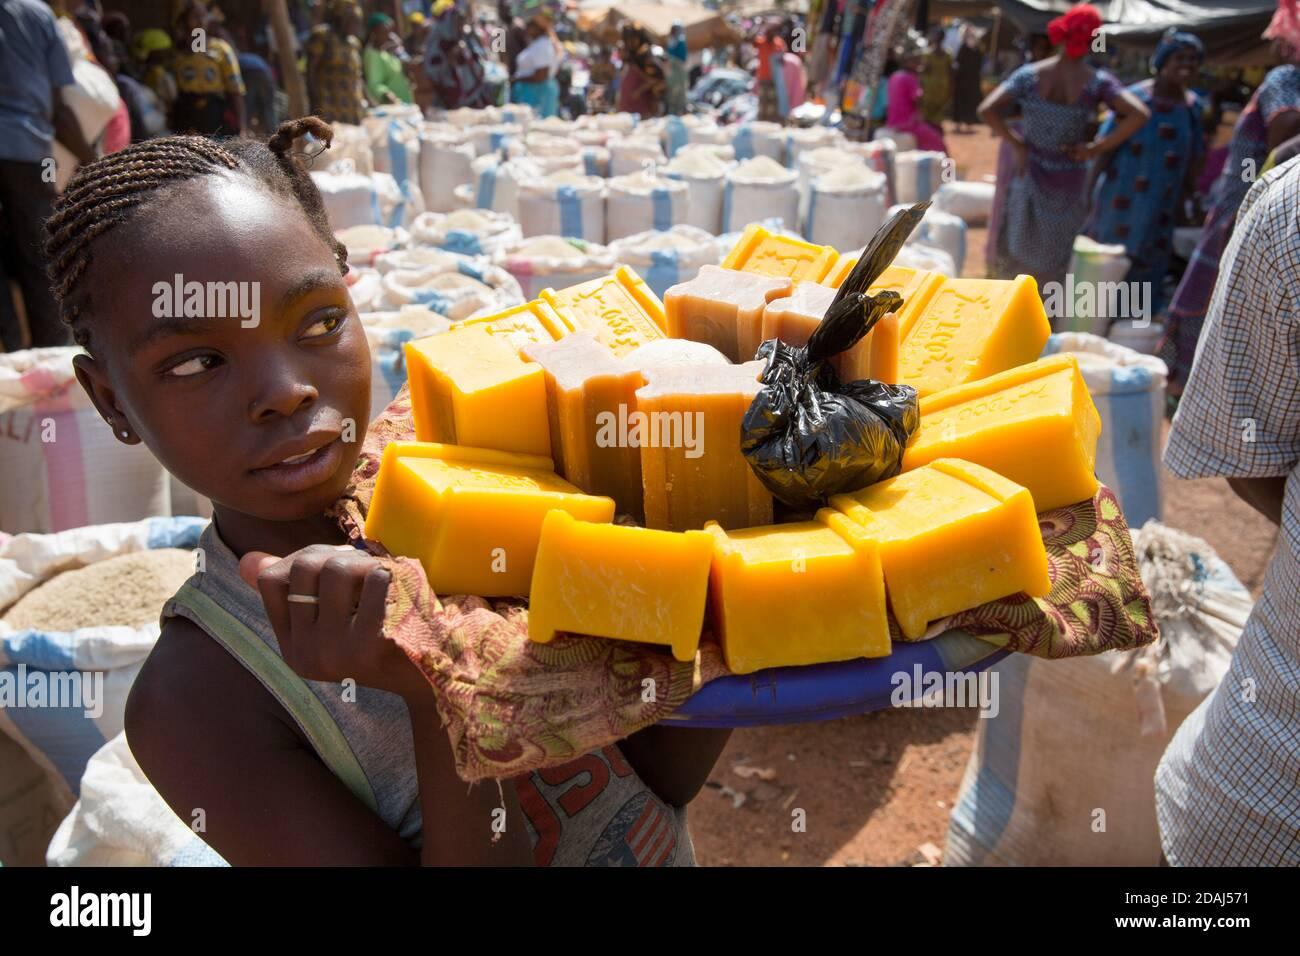 Selingue, Mali, 25 avril 2015; Omou Toure, 10 ans, en 6e année, vendant du savon pour sa mère. Elle va à l'école le matin et vend l'après-midi. Elle peut faire jusqu'à 15,000 CFA par semaine. Banque D'Images